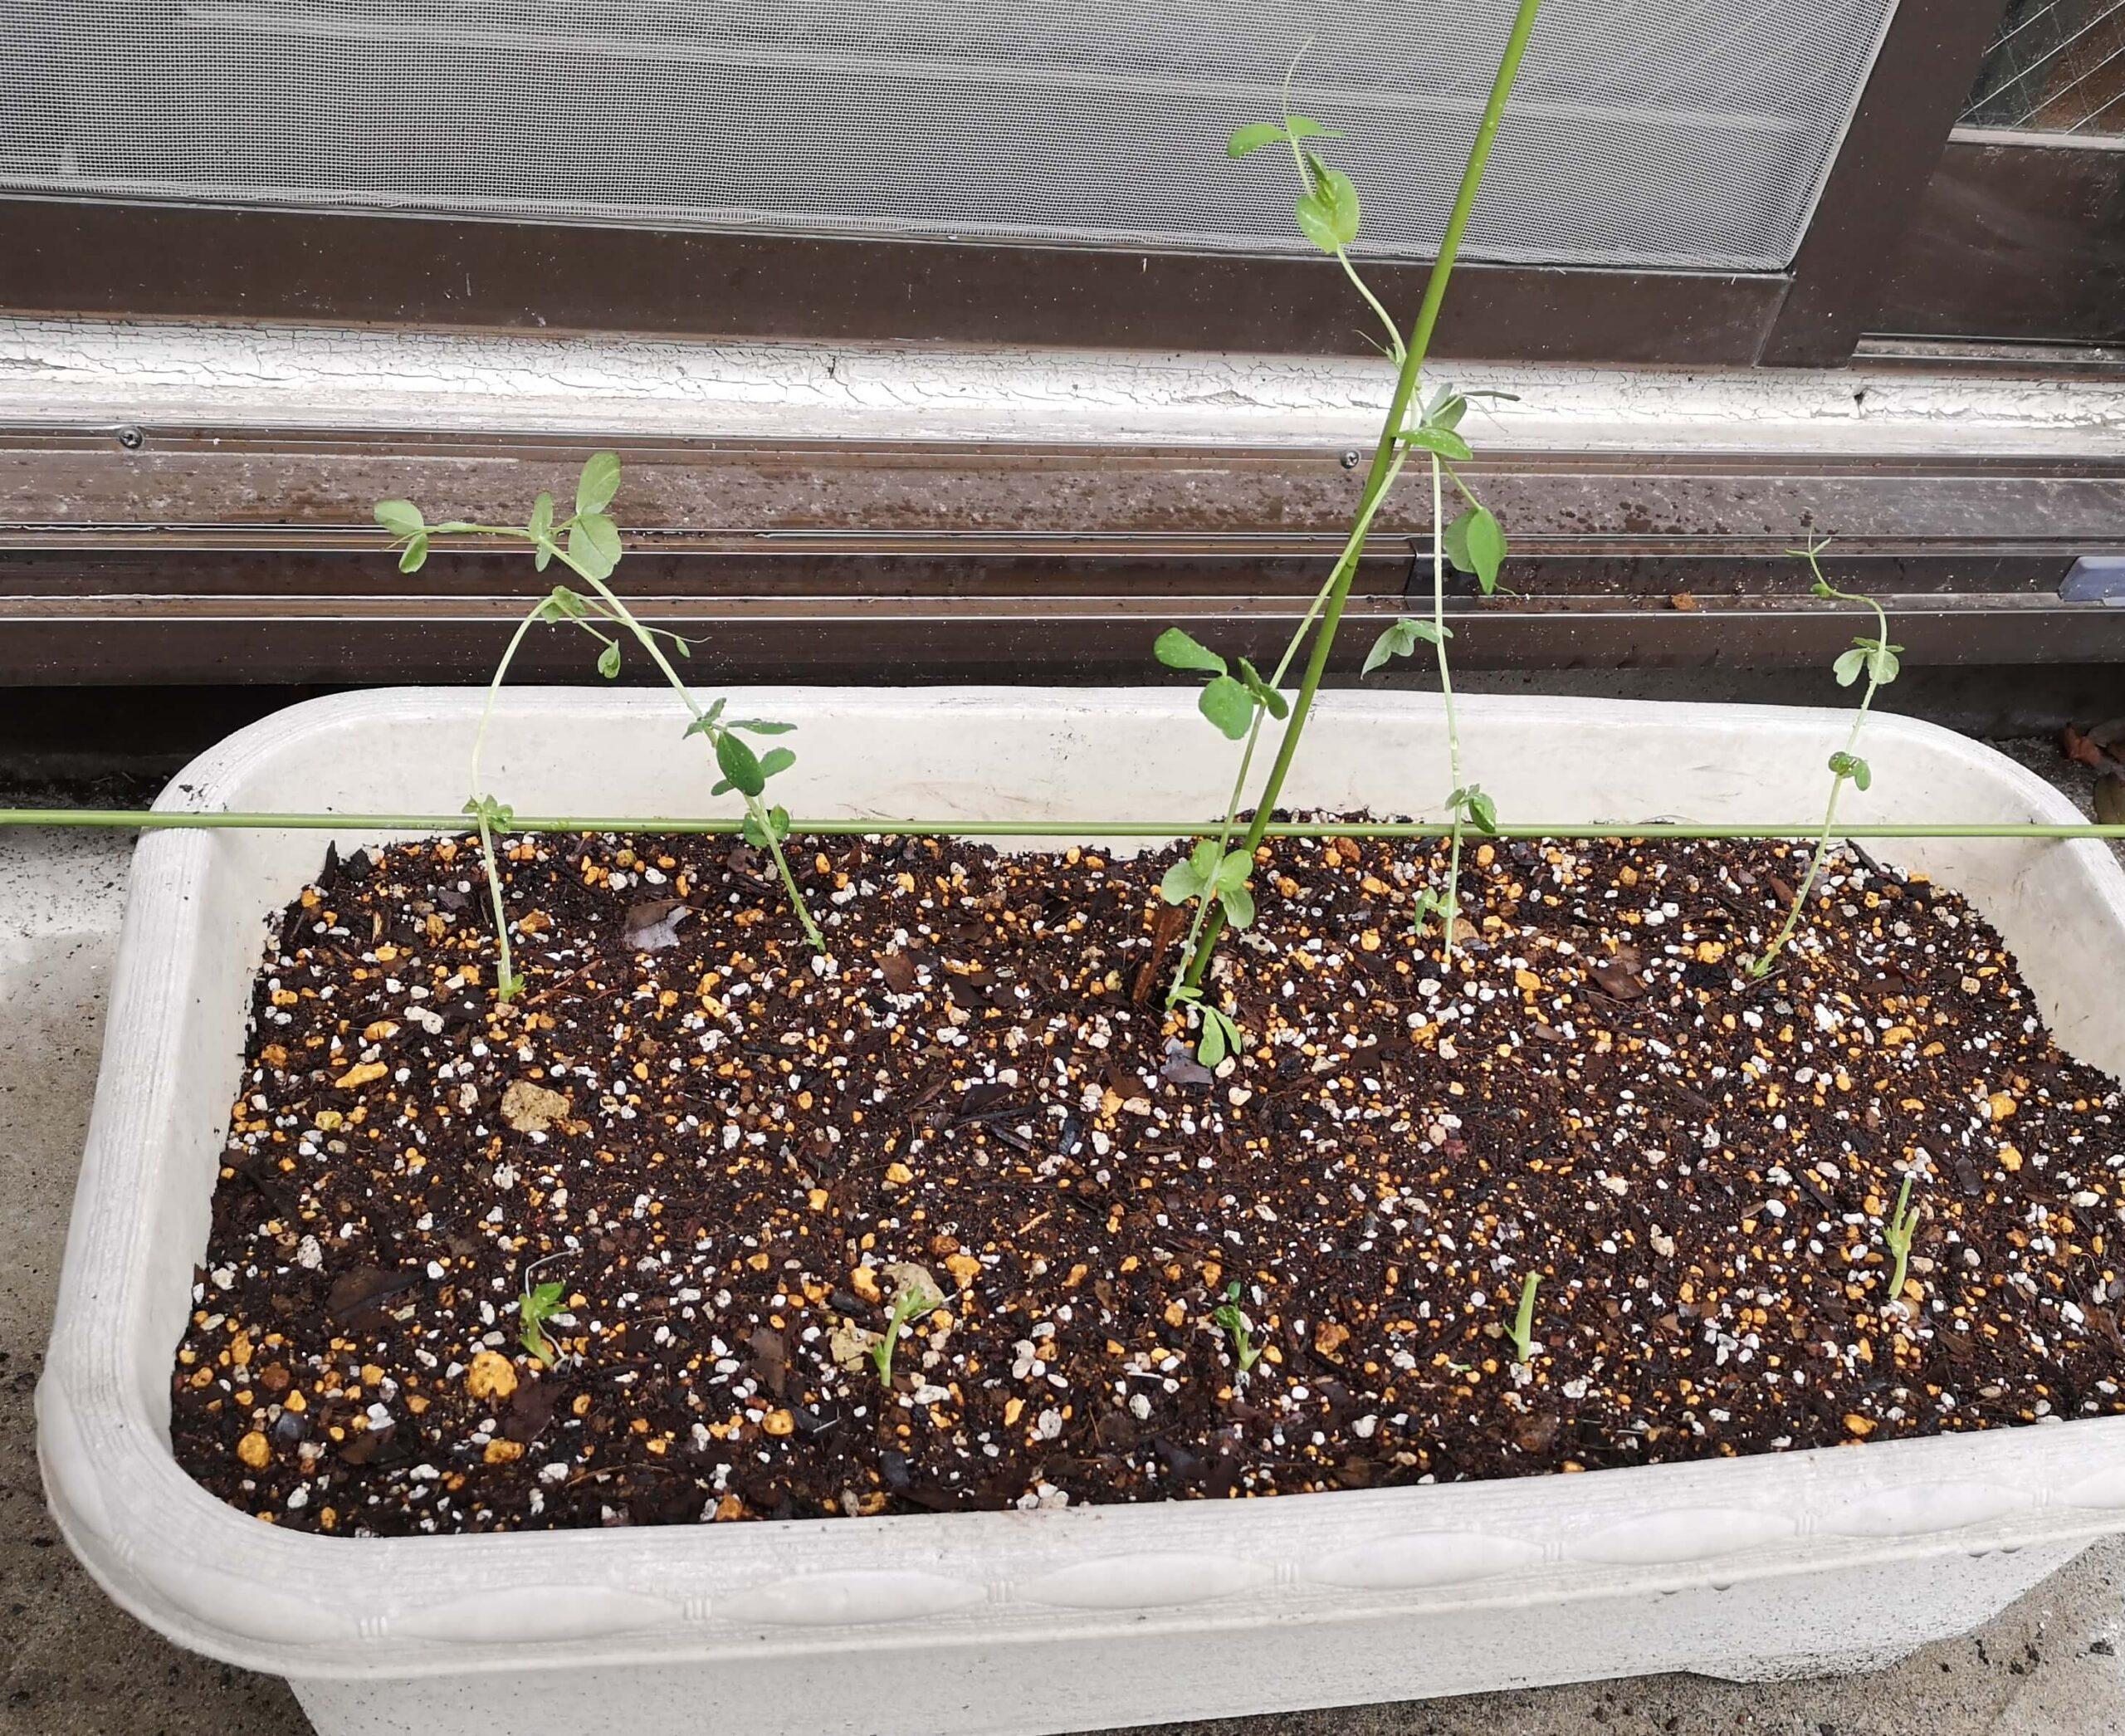 土へ植えた豆苗はそのままではぐったり外に垂れるため支柱を施す